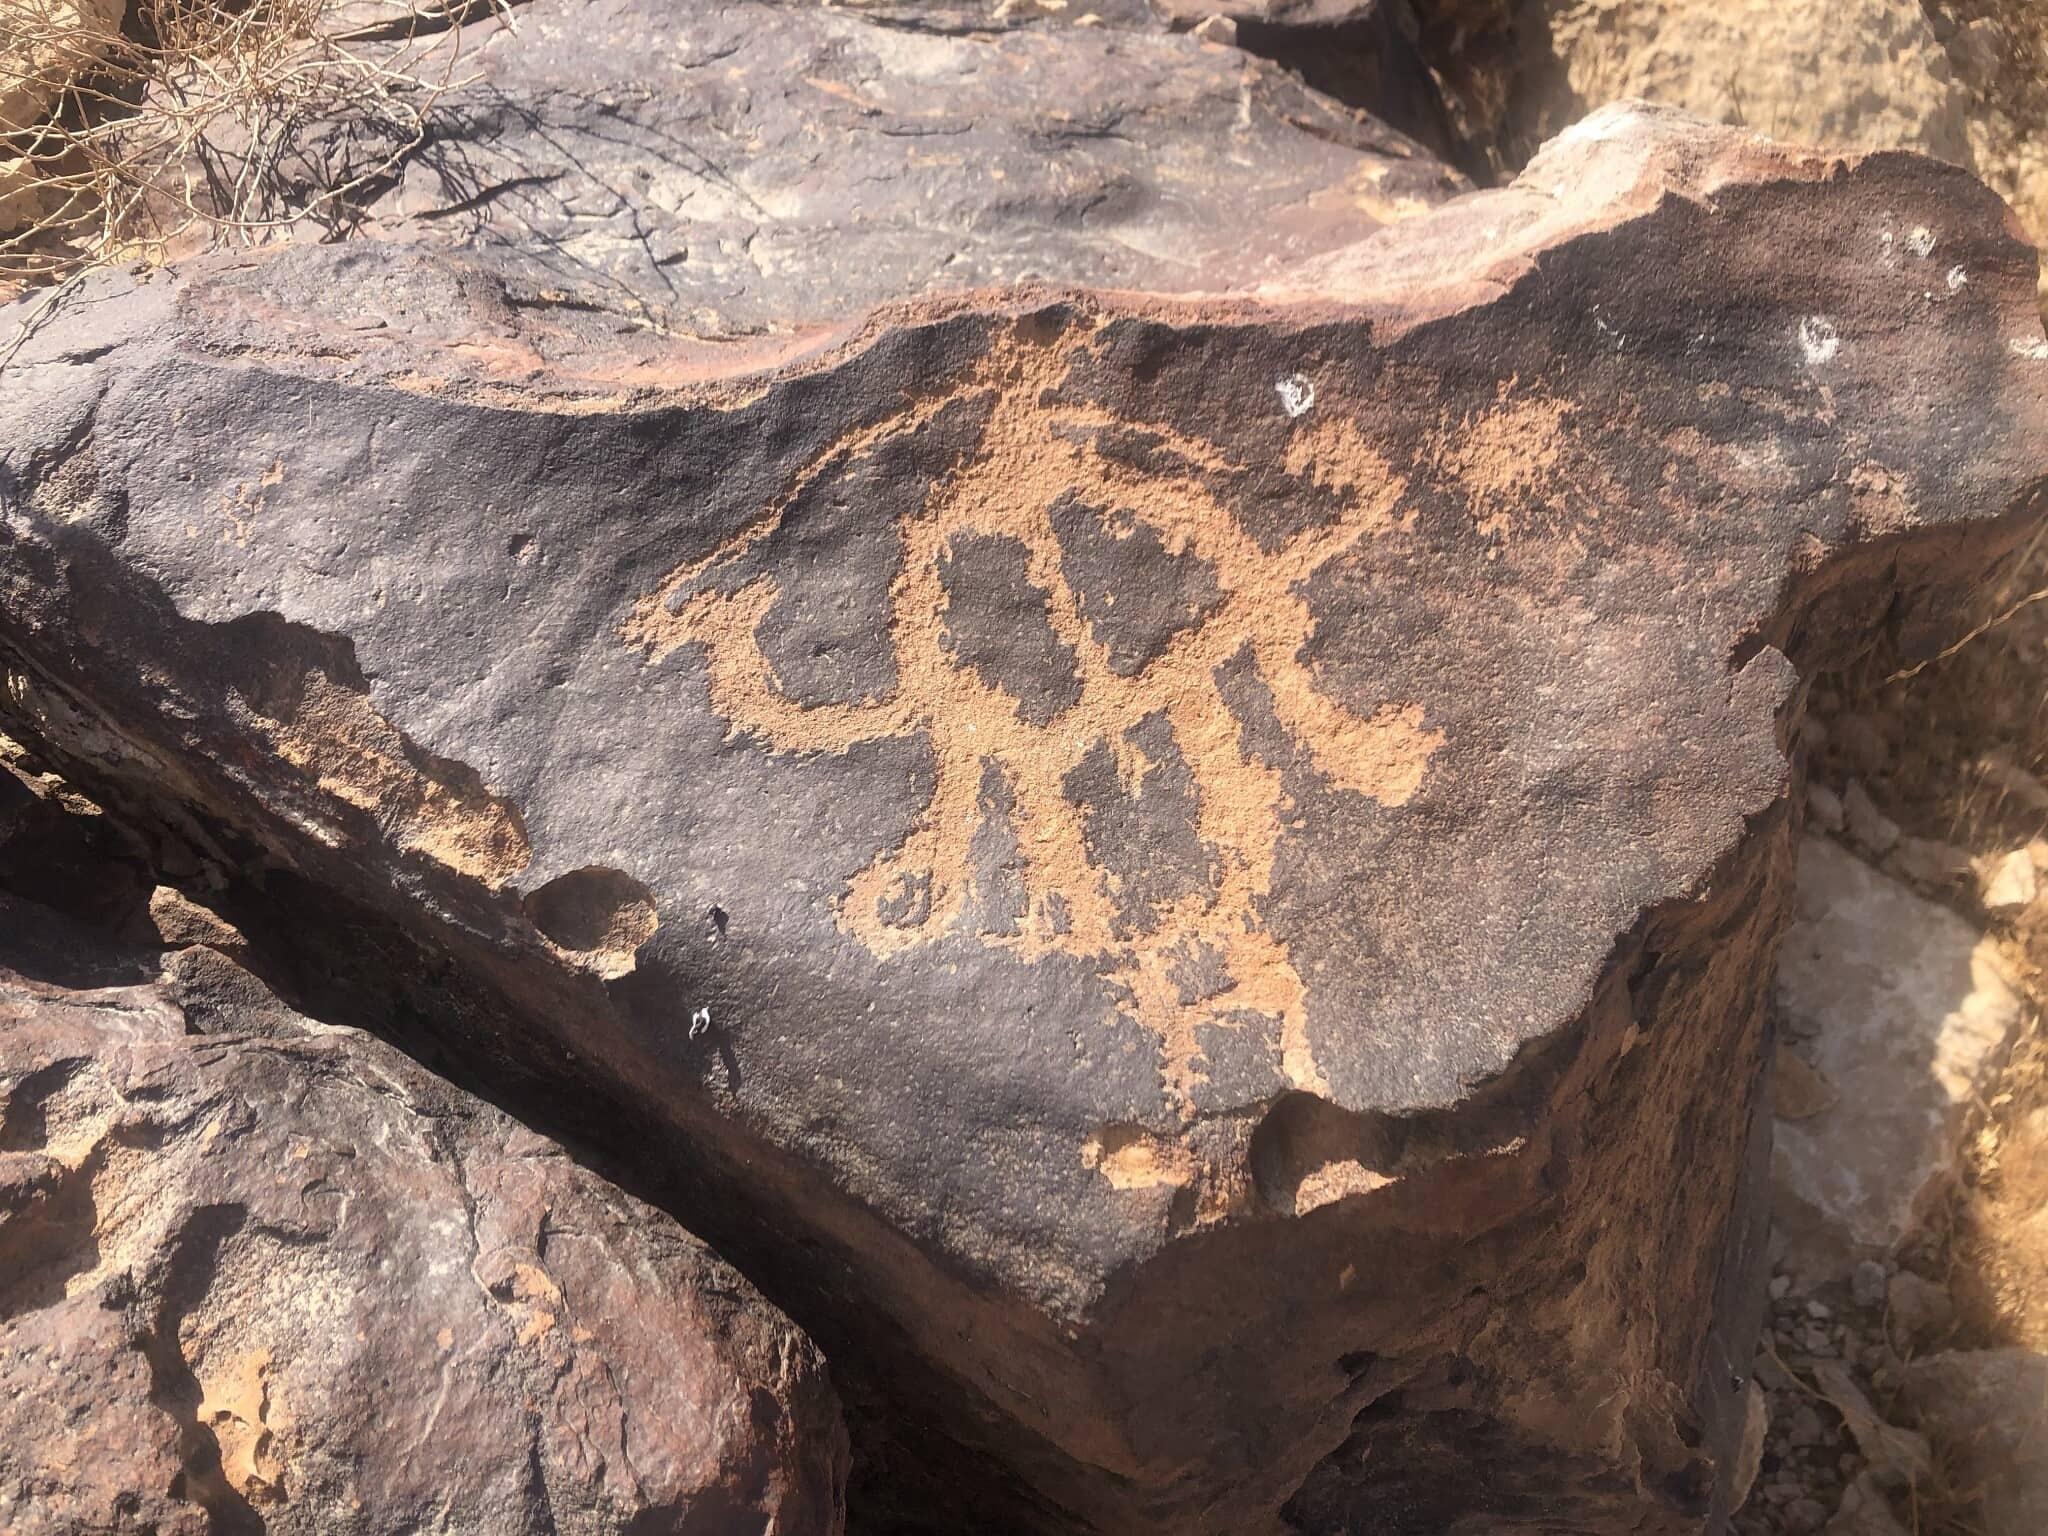 תחריט של גמל על סלע בהר כרכום (צילום: סו סורקיס)